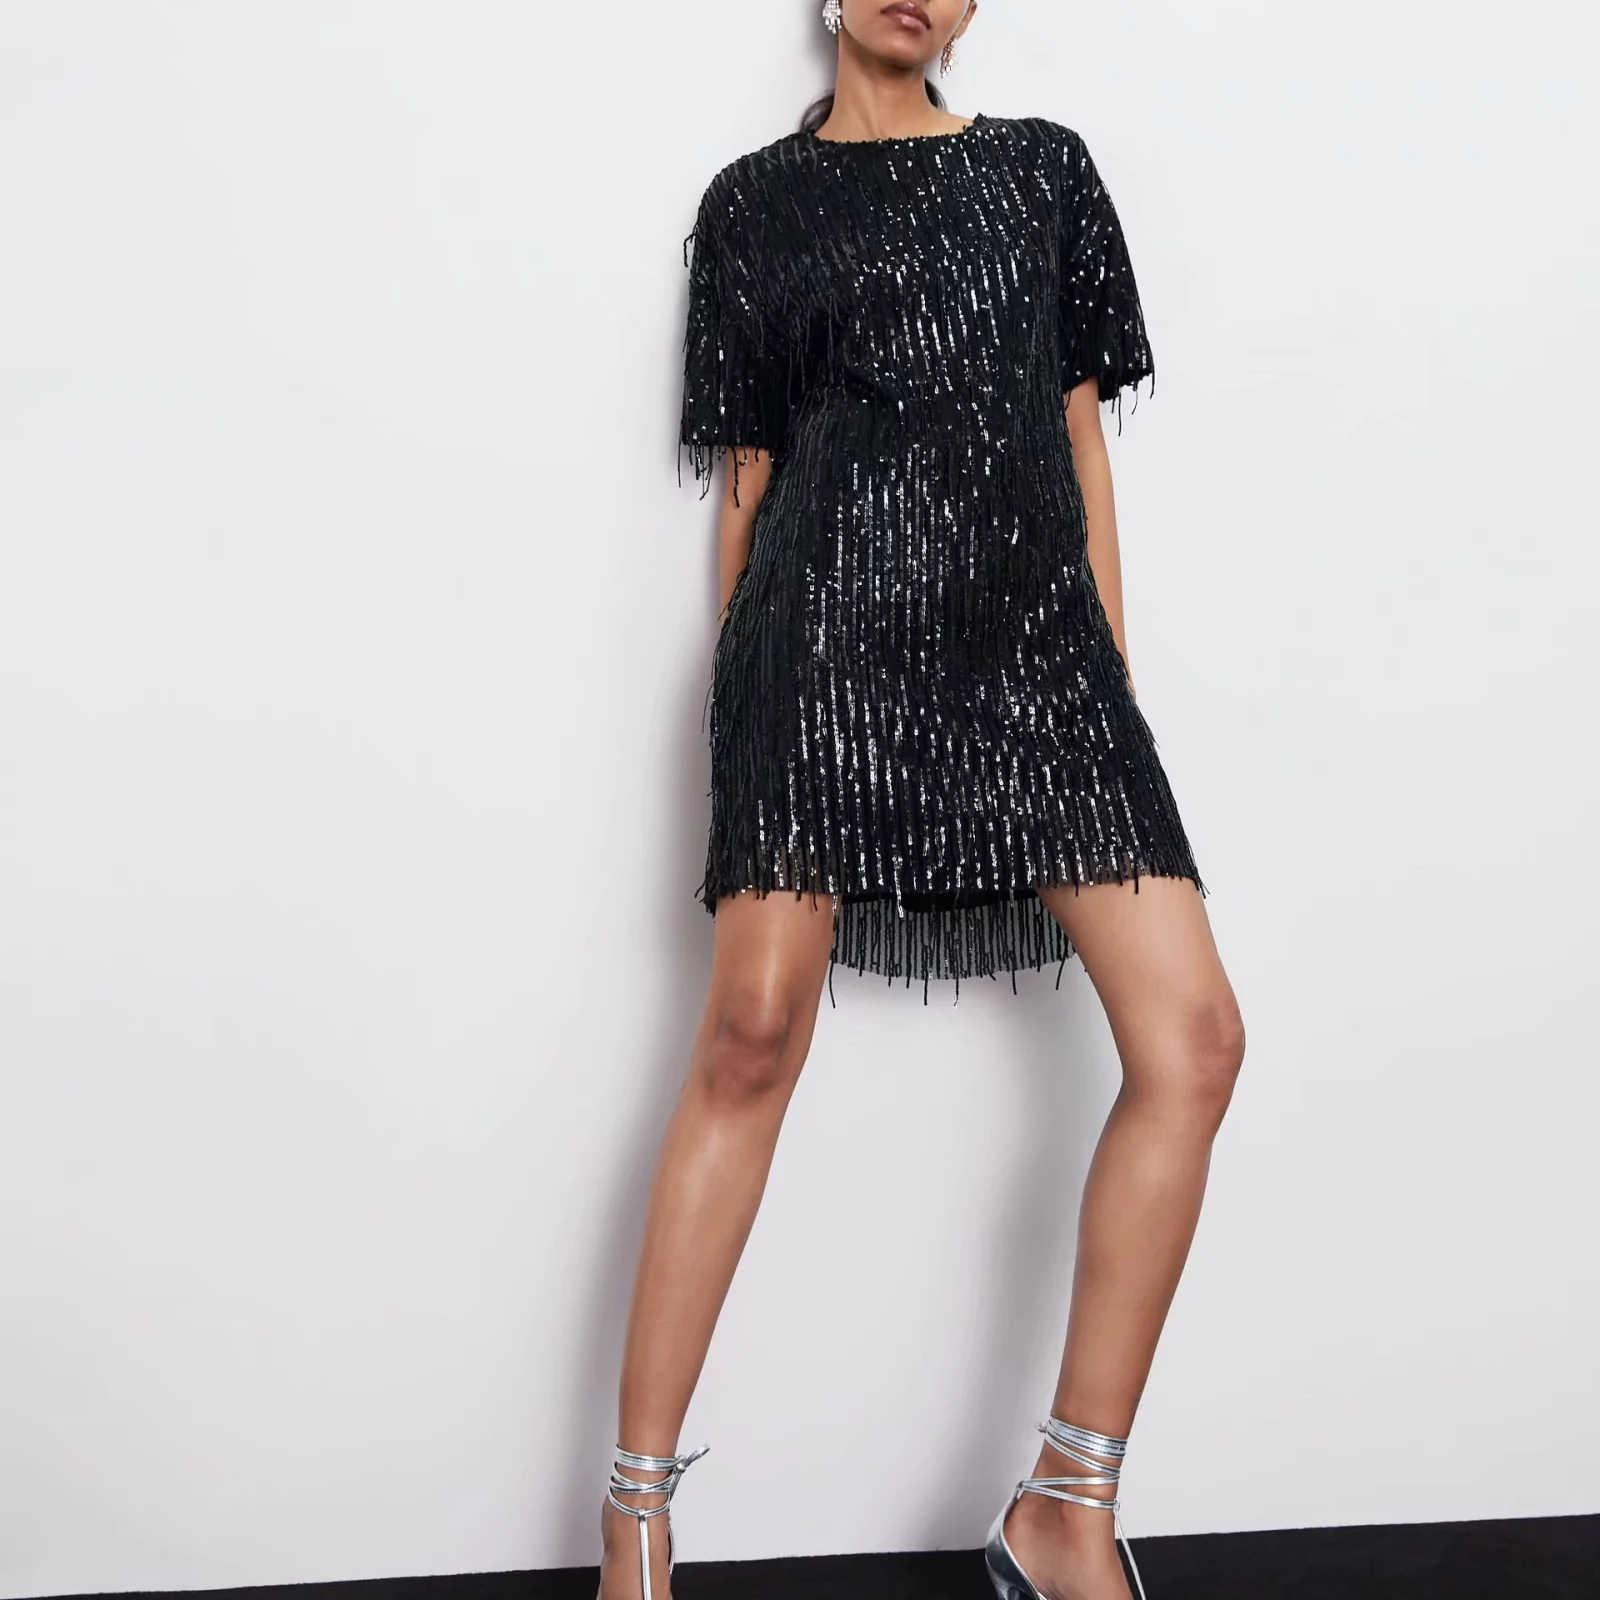 ZA נשים שמלת 2020 מבריק מצויץ בהיר שיק ליידי ירוק שחור streetwear סקסי מועדון מפלגה שמלה